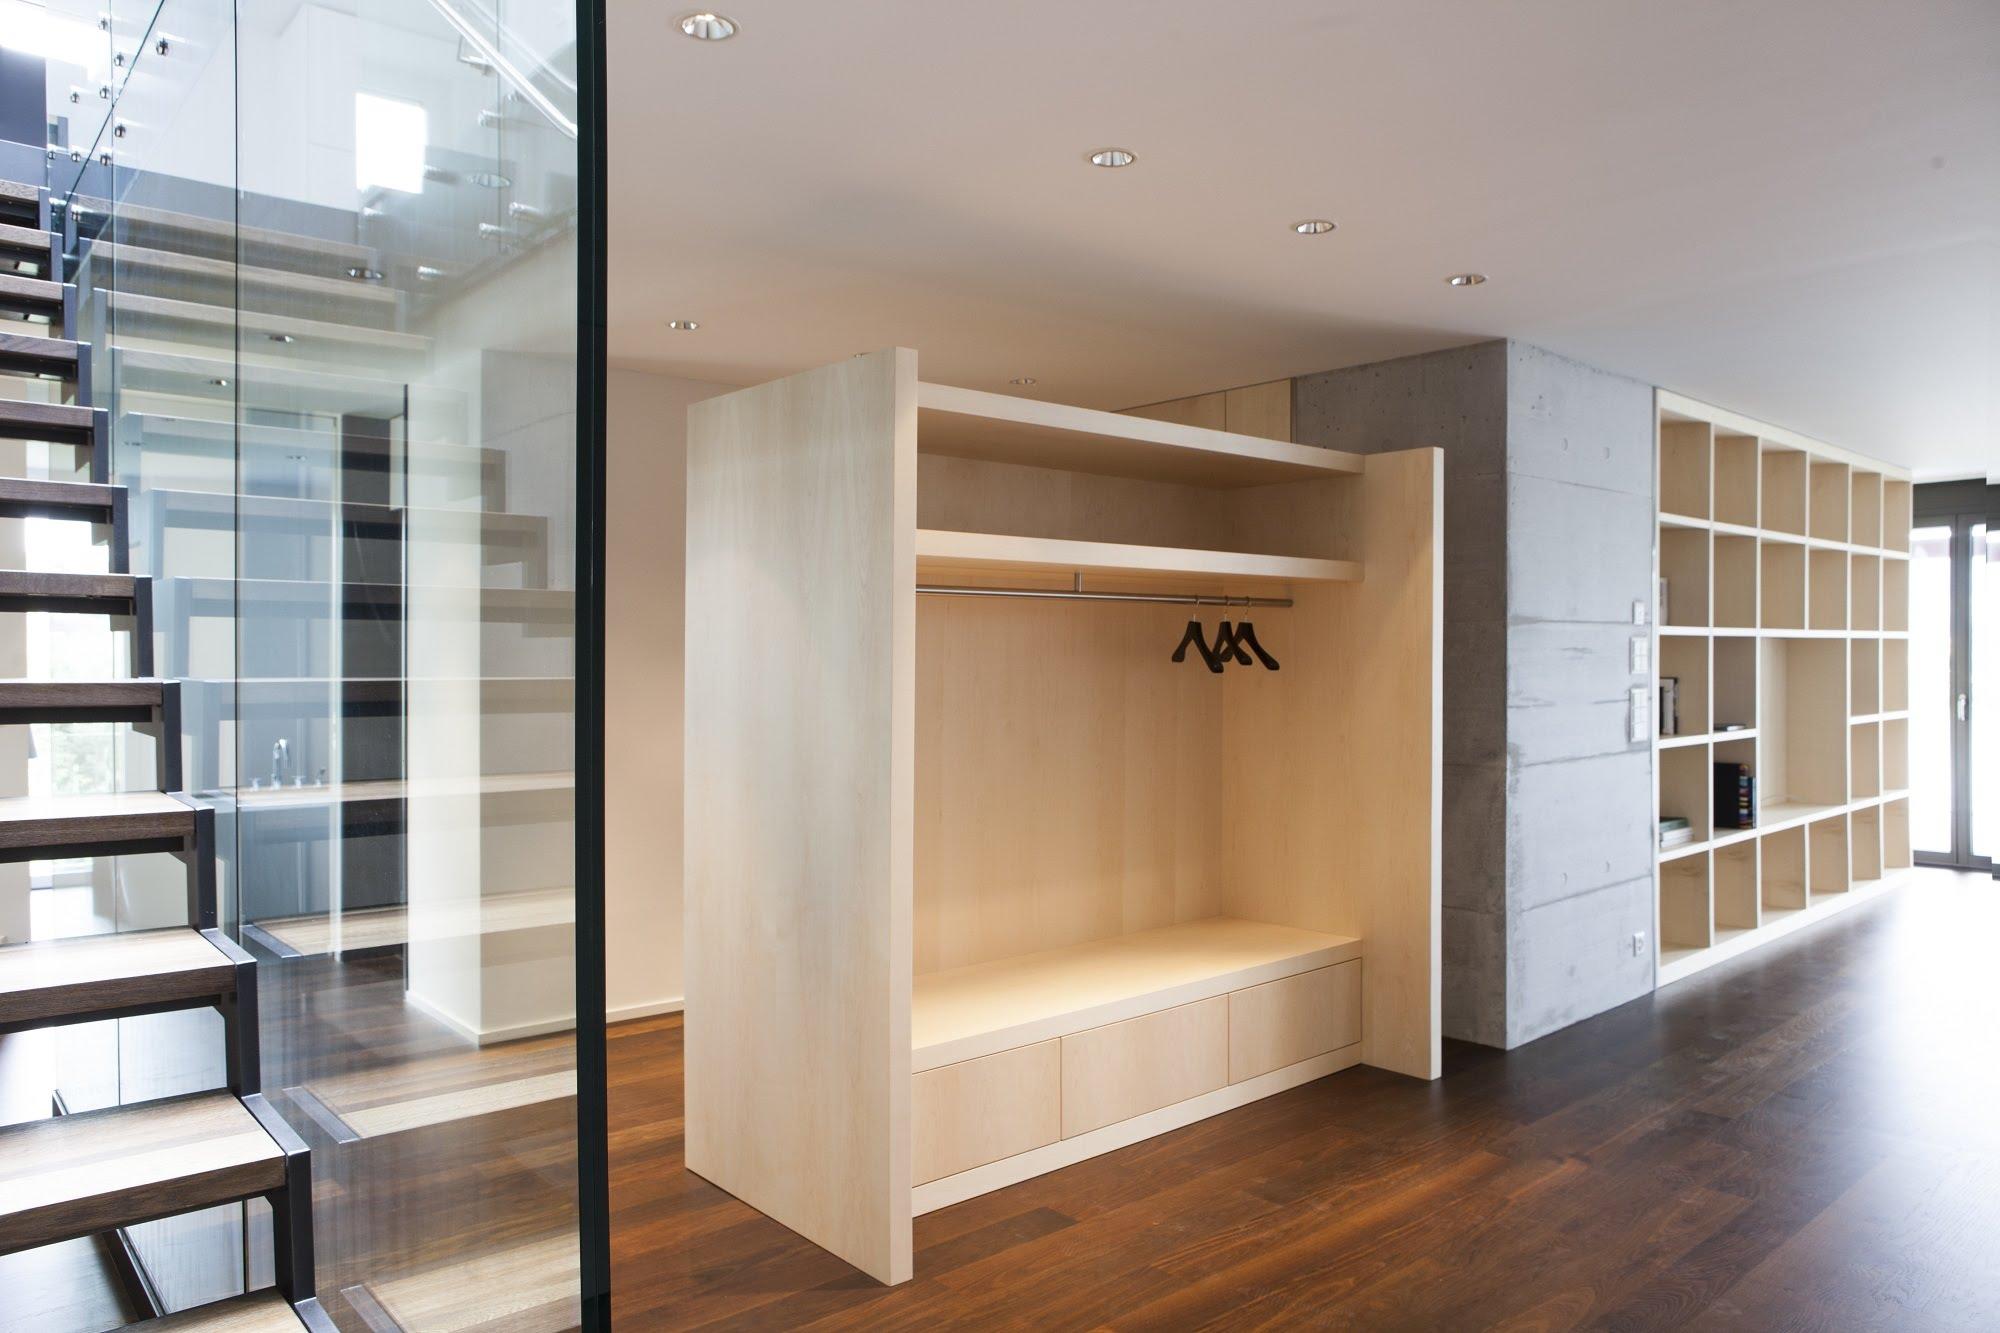 kawa design ag ihr spezialist f r k chen k chenbau referenzen sursee luzern zug aargau. Black Bedroom Furniture Sets. Home Design Ideas